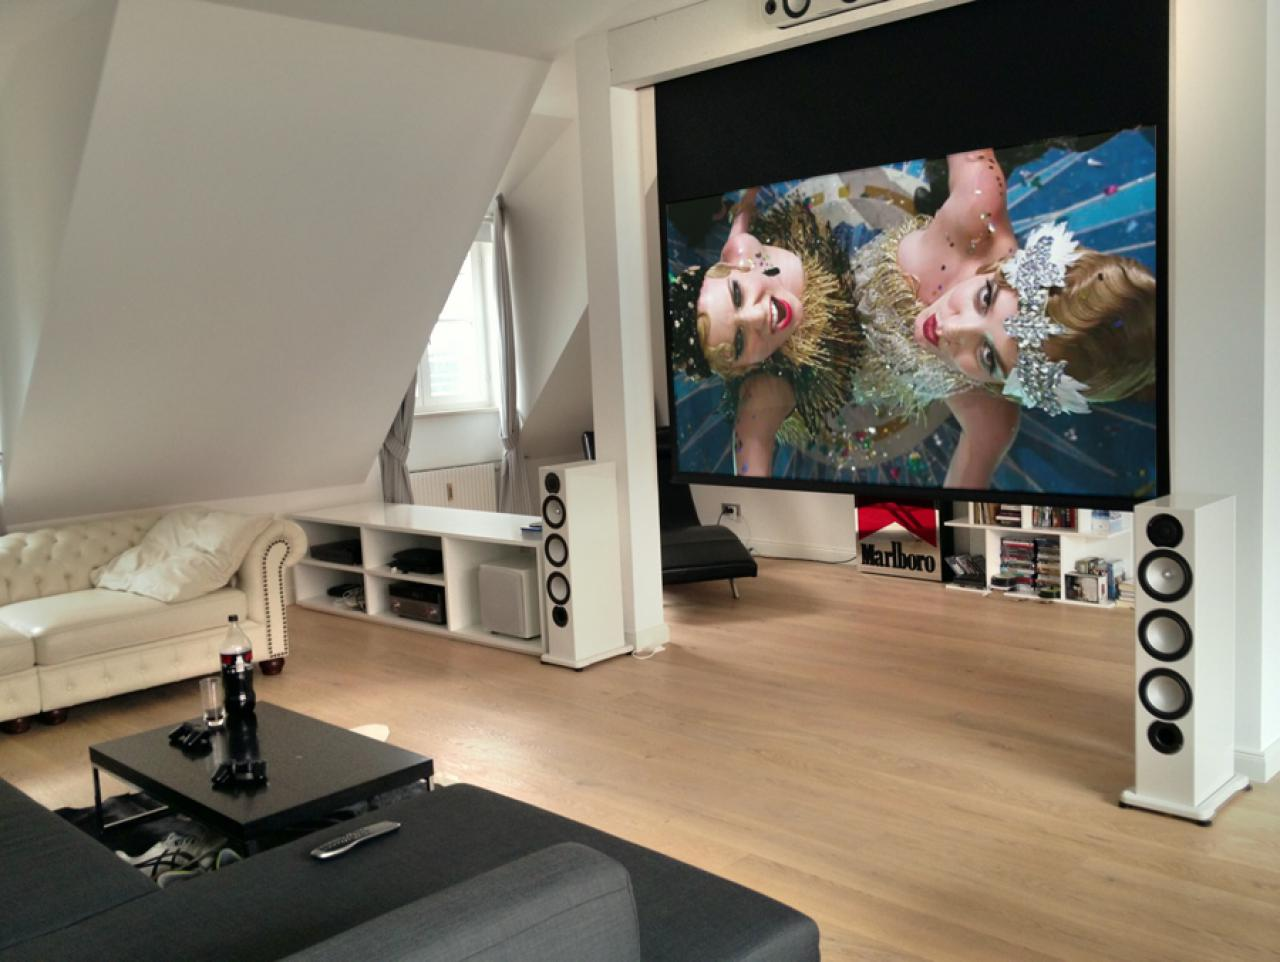 heimkino wohnzimmer   jtleigh - hausgestaltung ideen